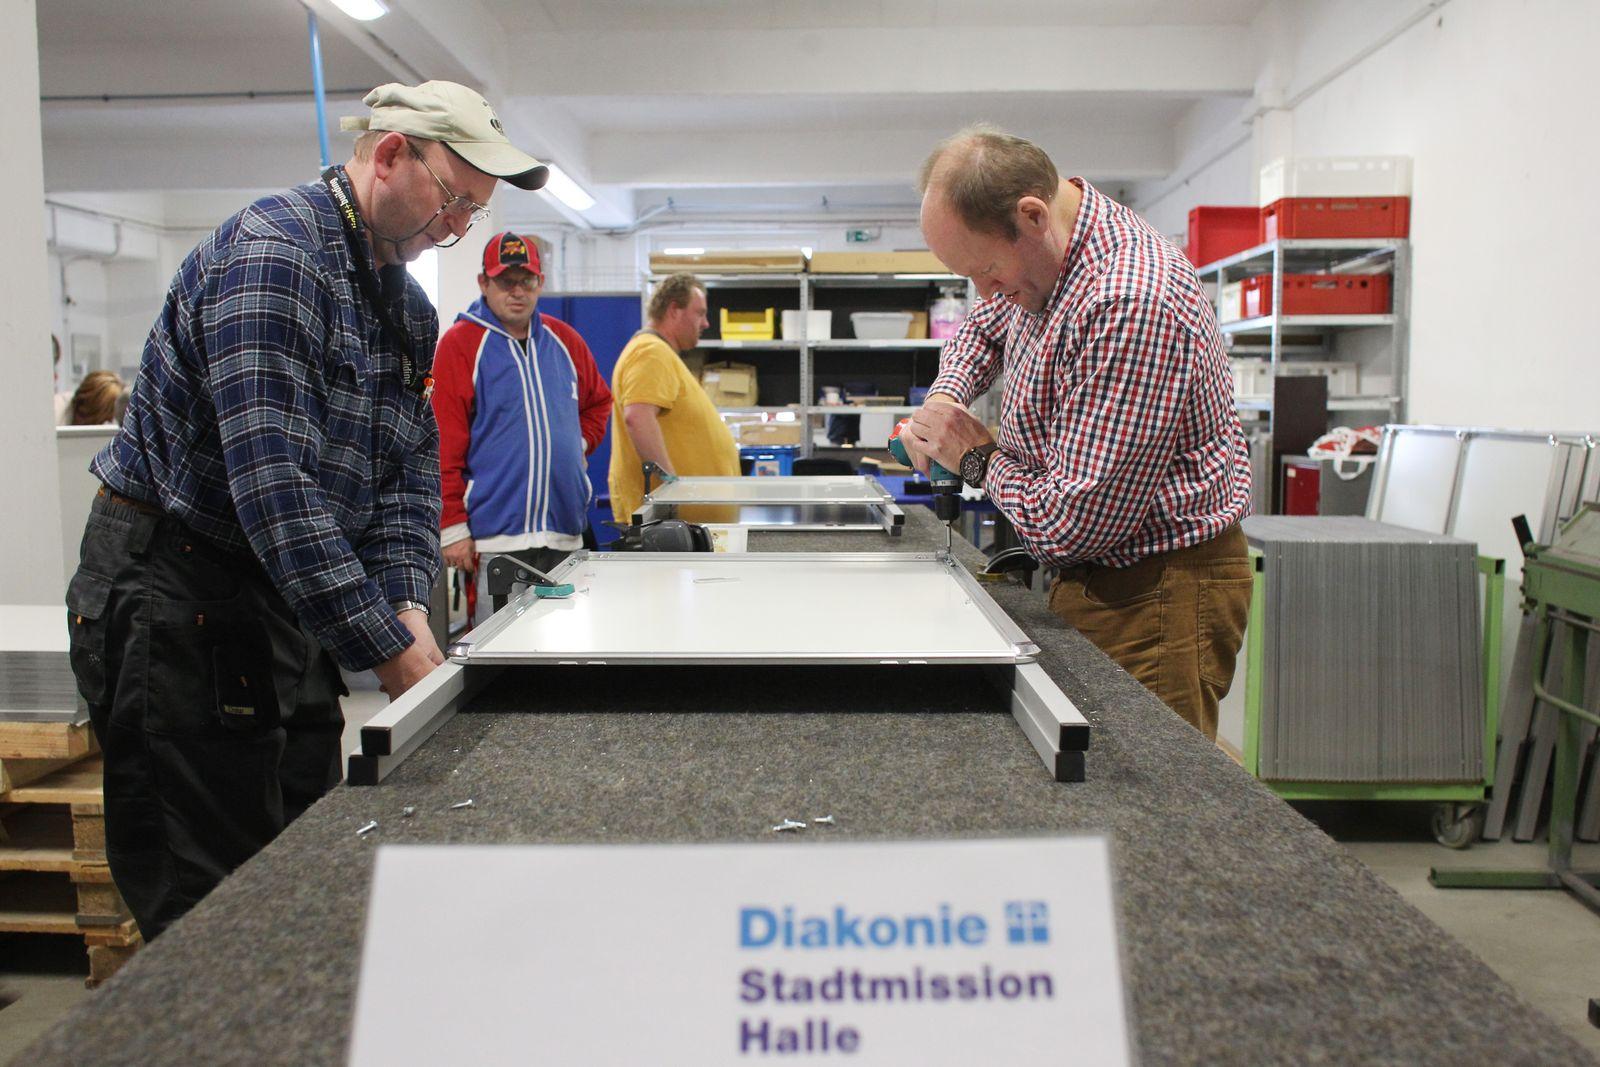 Behindertenwerkstatt / Diakonie Mitteldeutschland